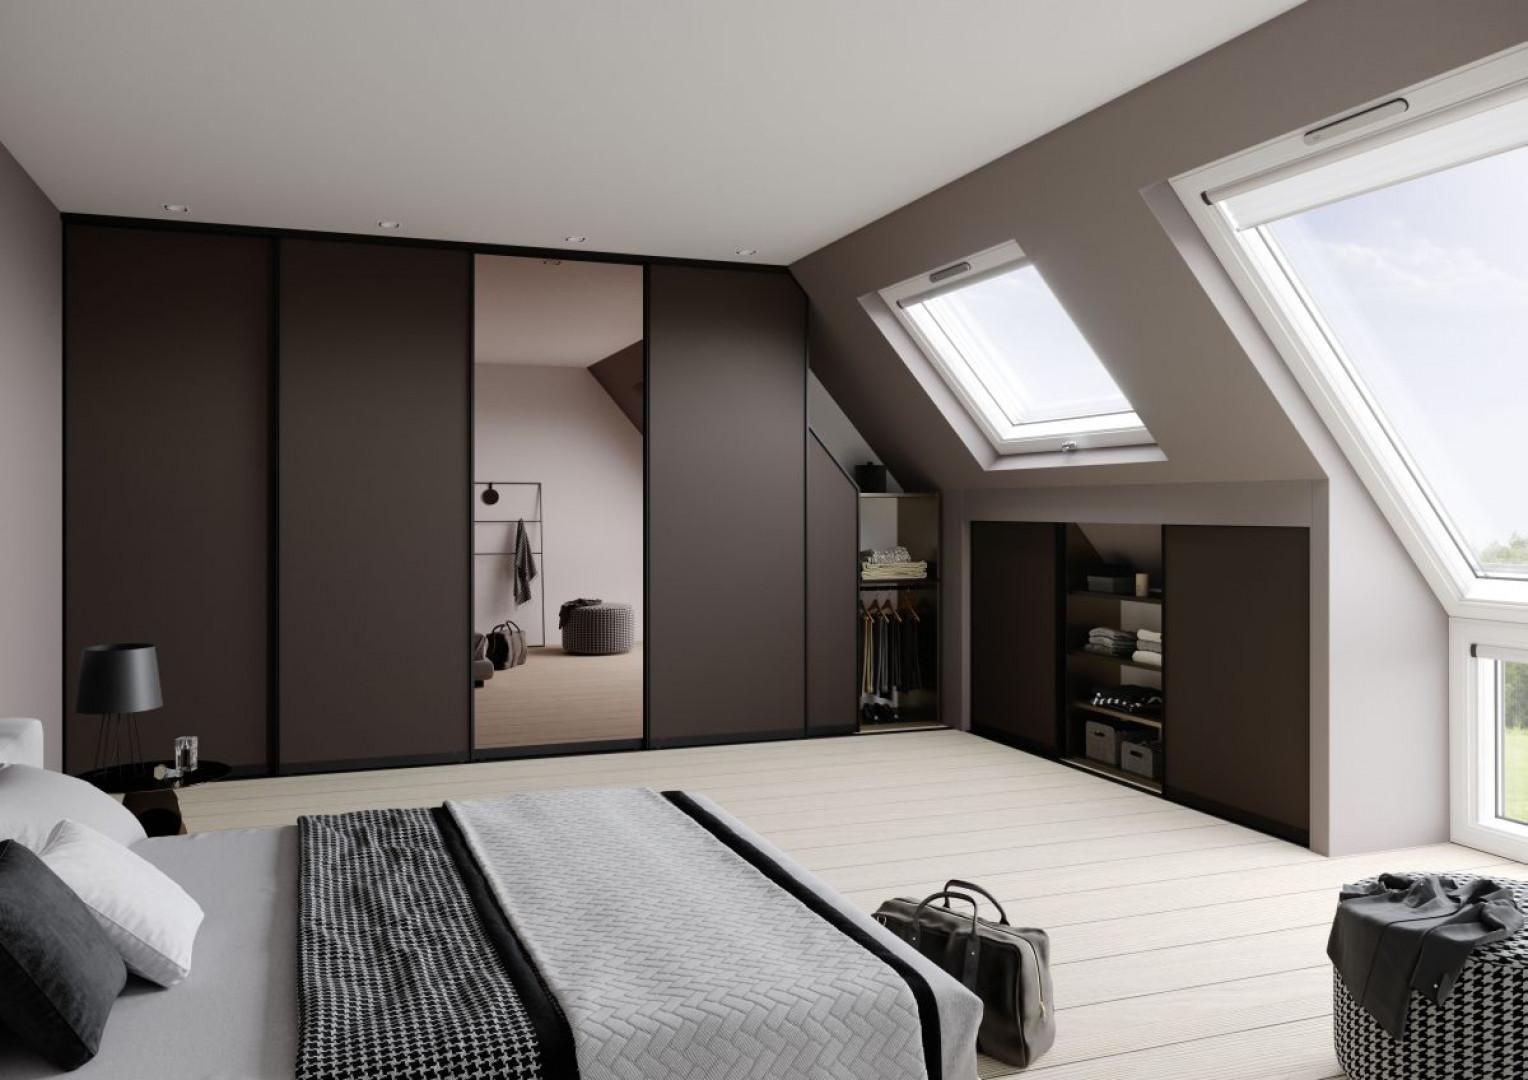 Miejsca pod skosami można wykorzystać na szafki lub półki. Fot. Raumplus